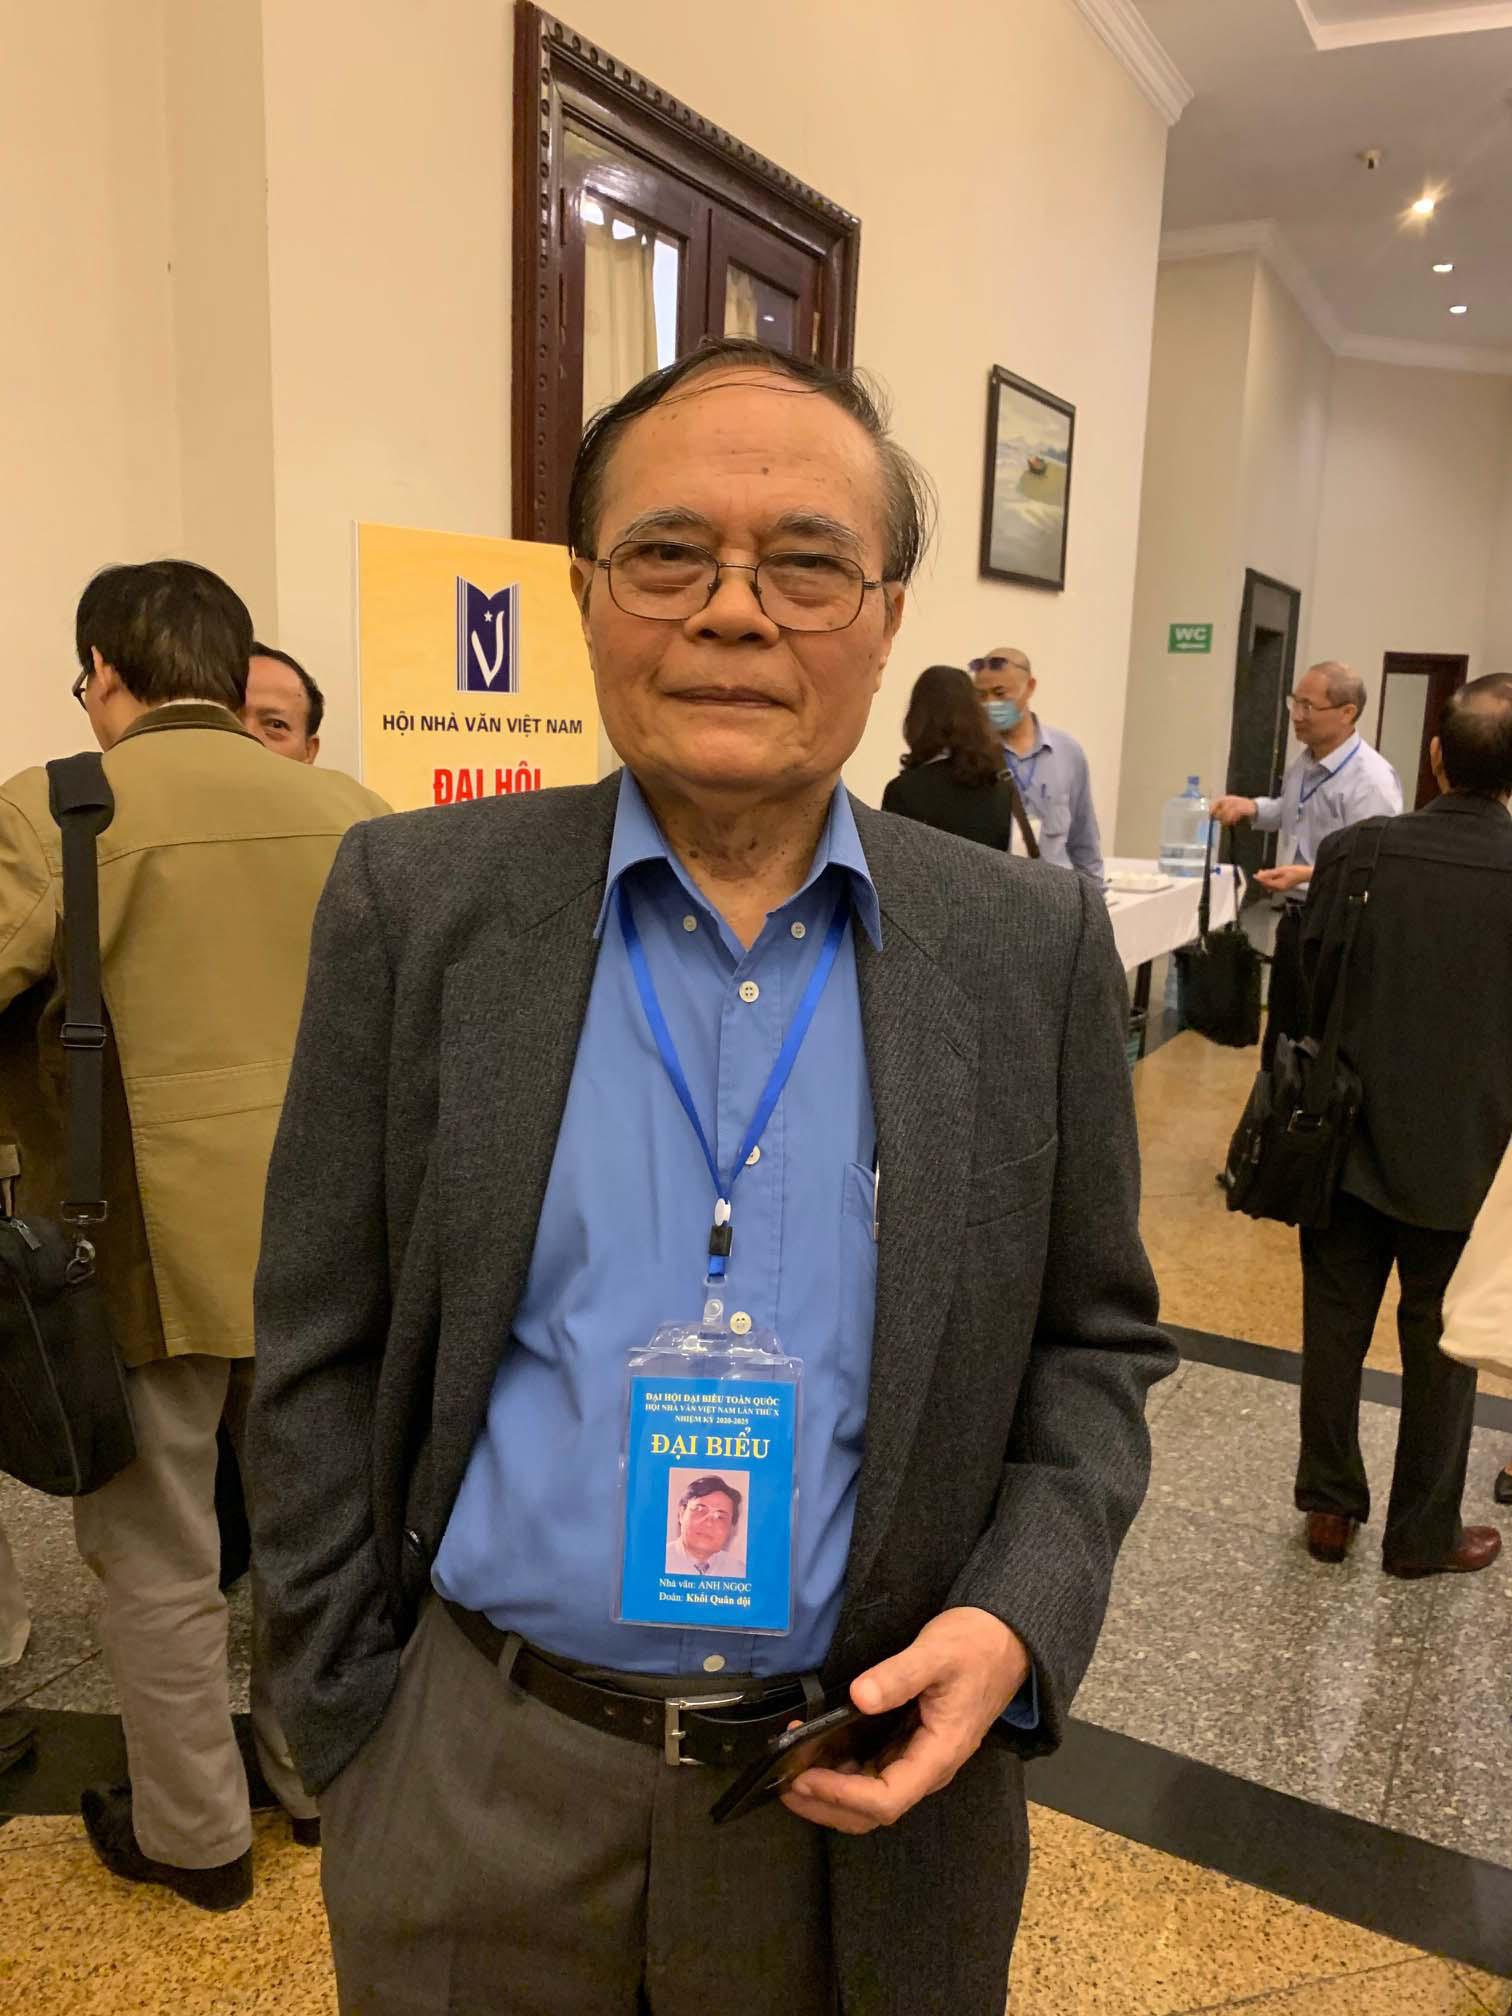 Đại hội Hội nhà văn Việt Nam khoá X: Kỳ vọng nhiều tác phẩm về nông thôn và chống tham nhũng.  - Ảnh 4.